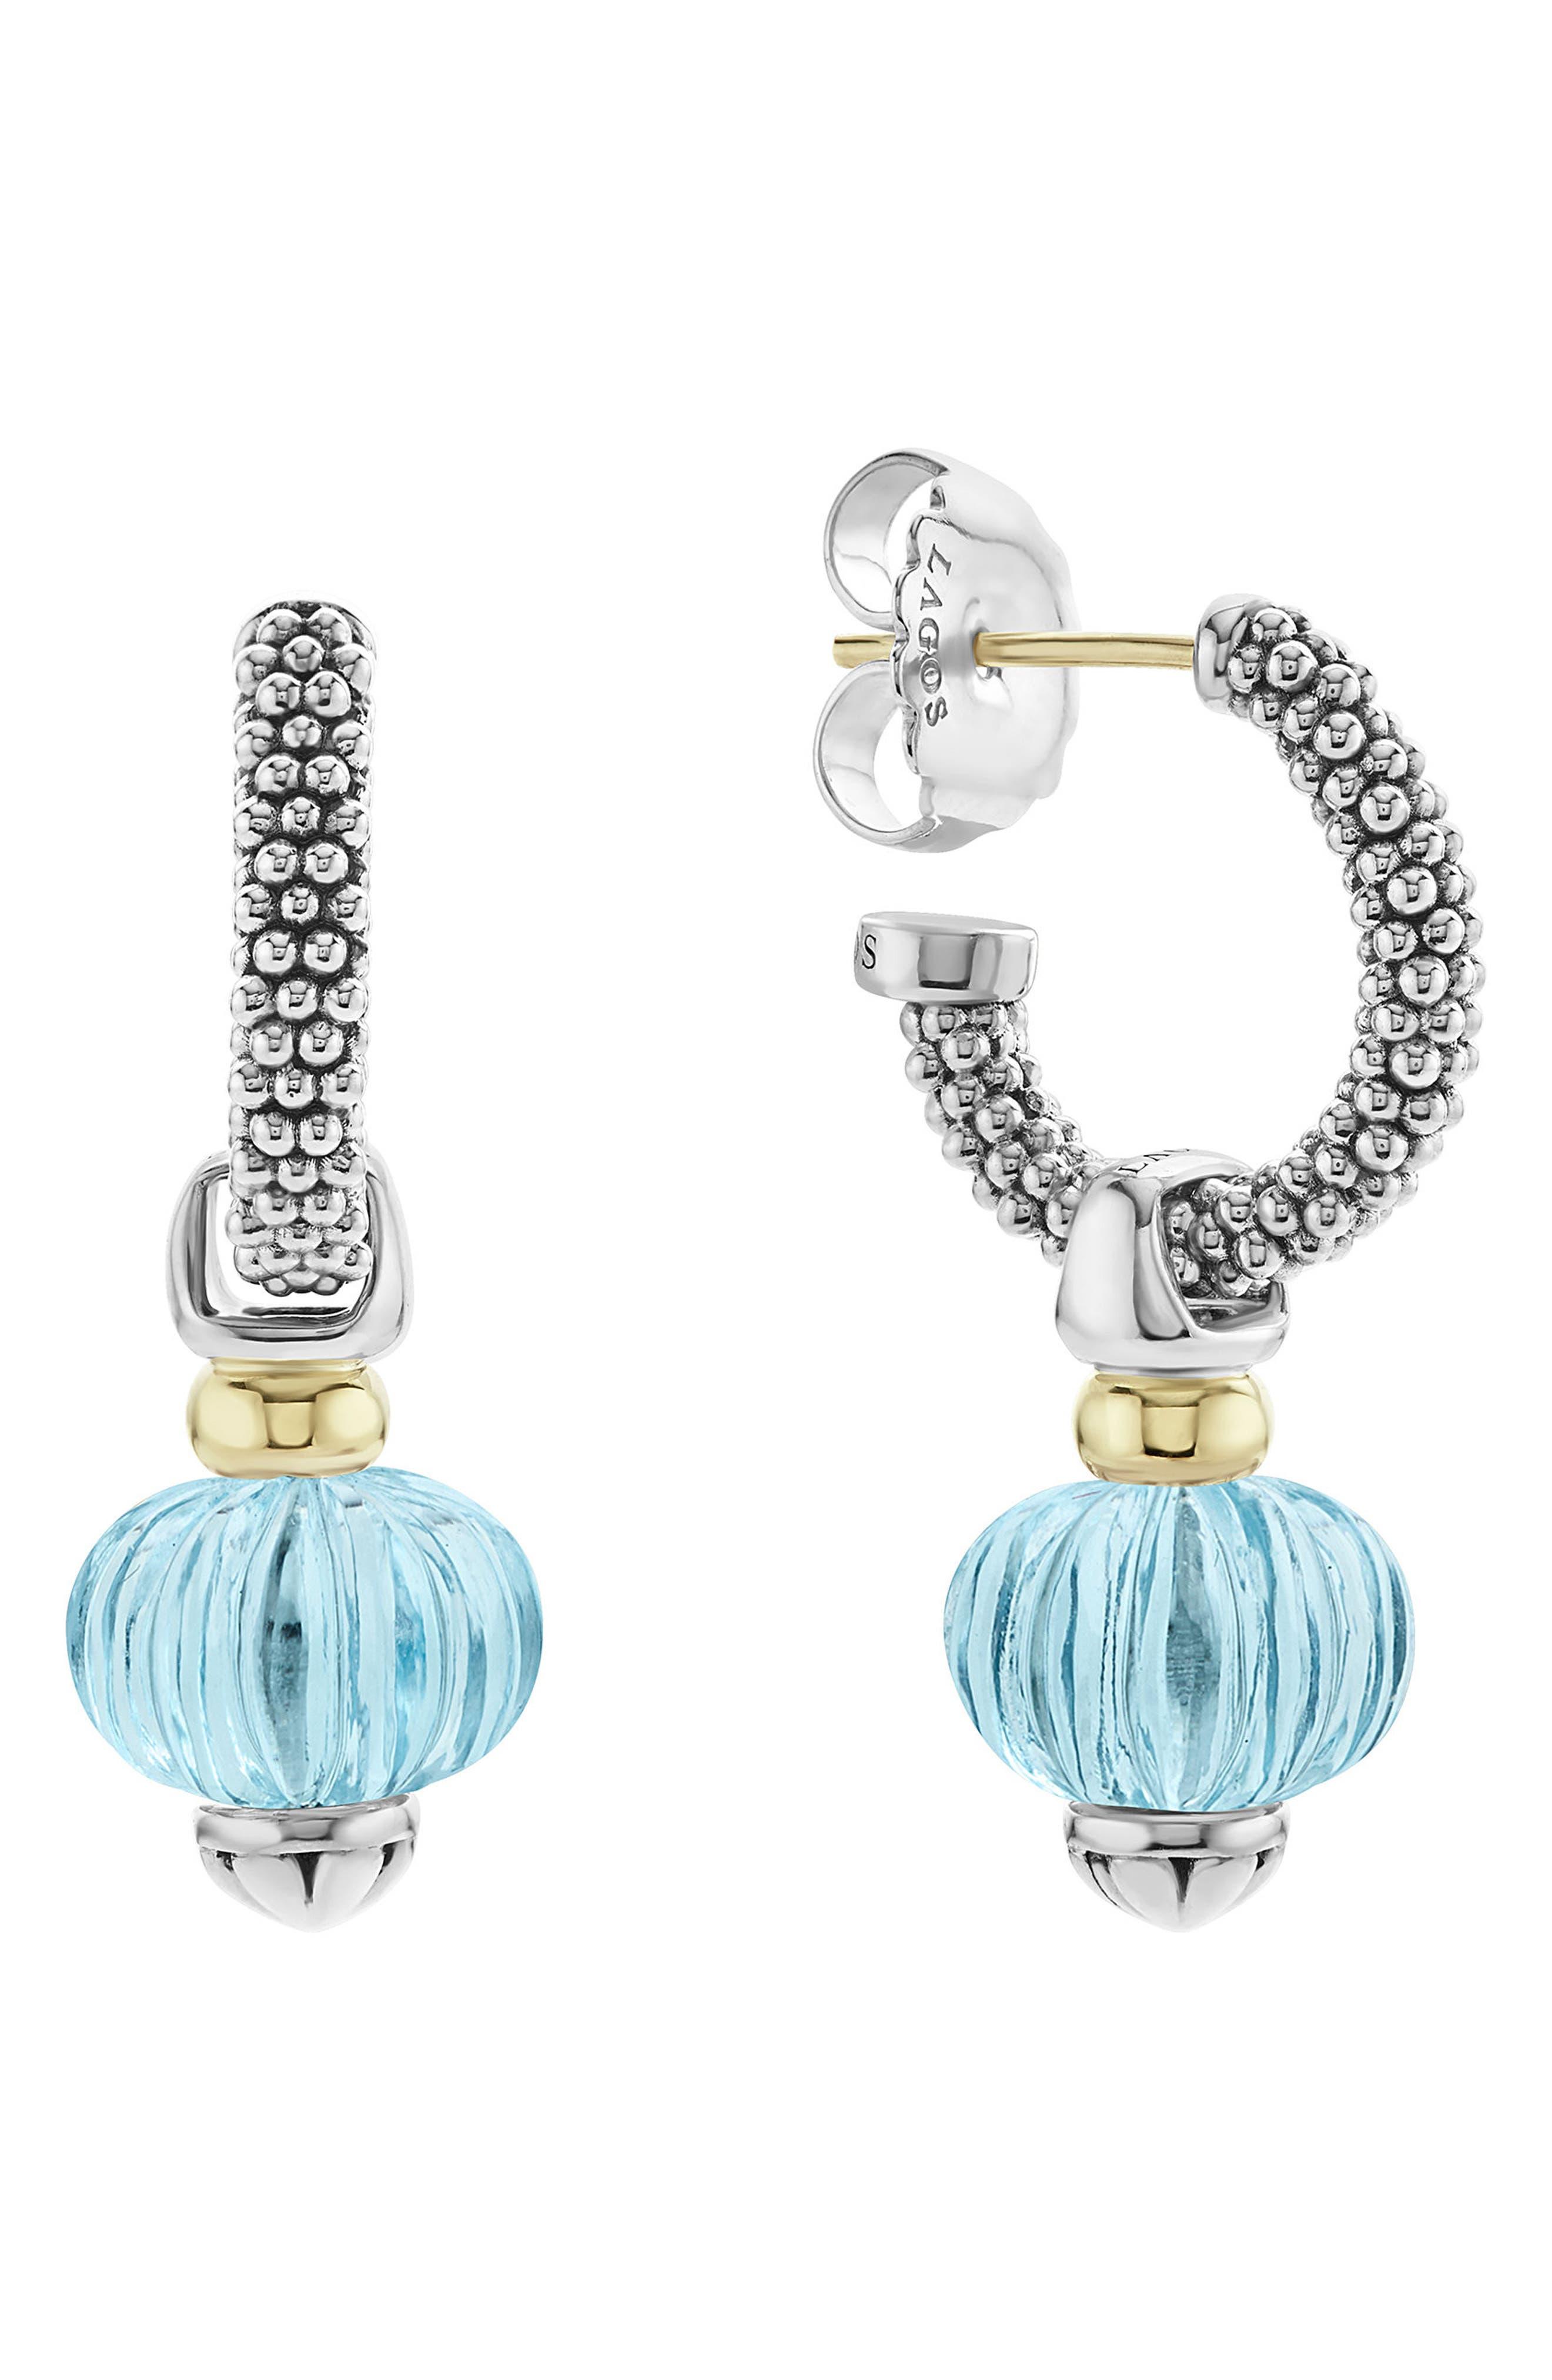 Caviar Forever Melon Bead Charm Earrings,                         Main,                         color, Silver/ Sky Blue Topaz